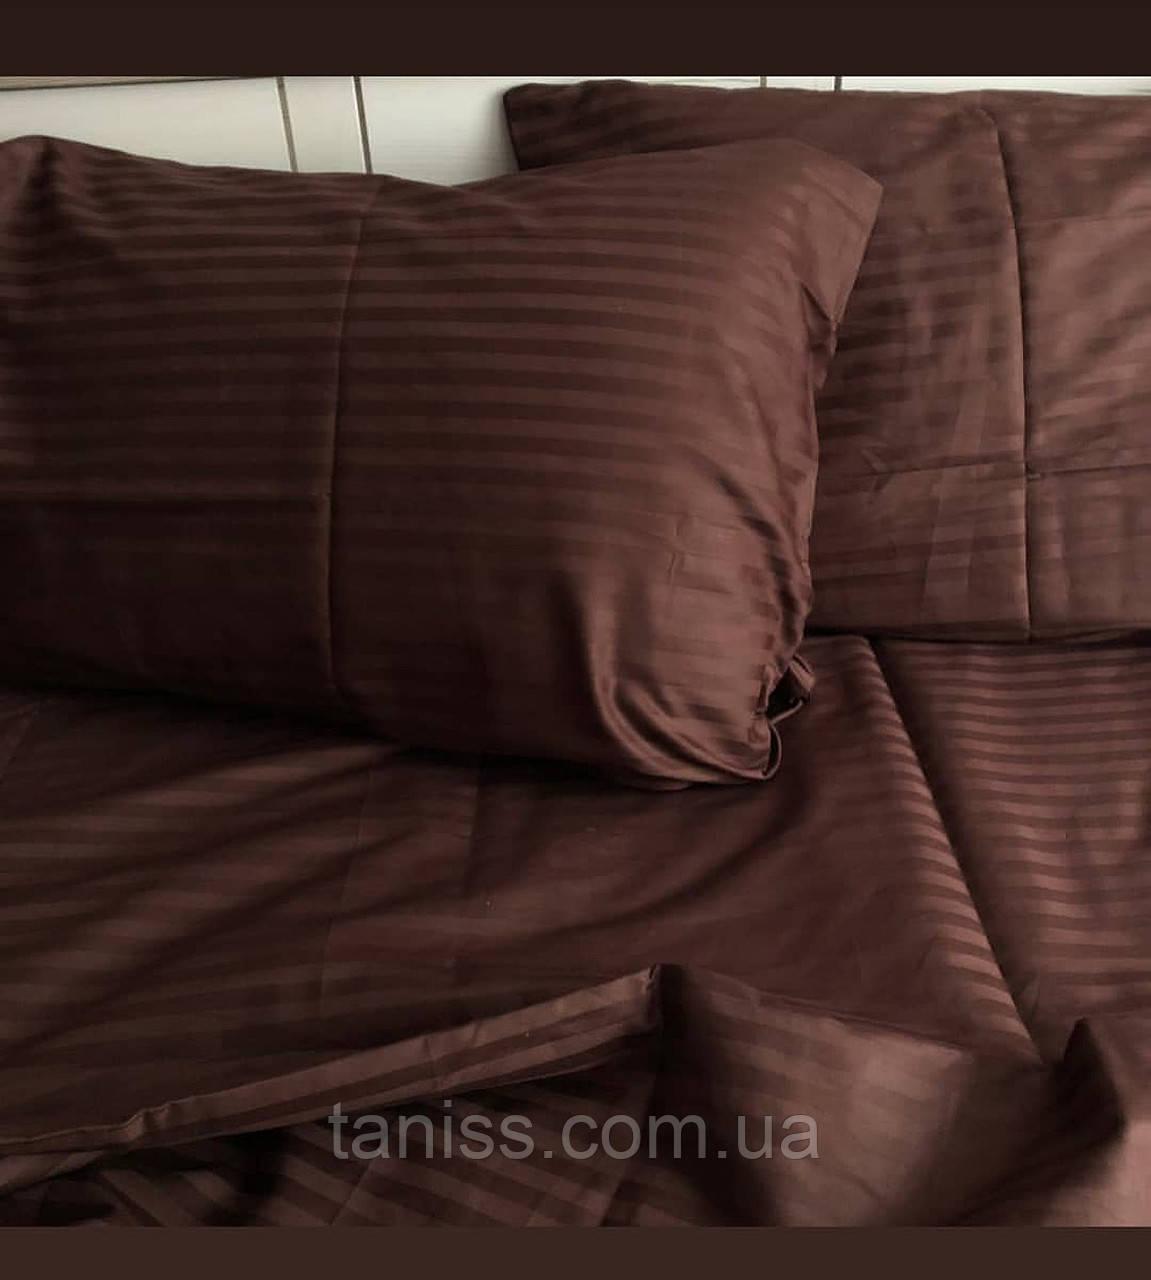 Двухспальный набор постельного белья из страйп-сатина, 100% хлопок, цвет коричневый